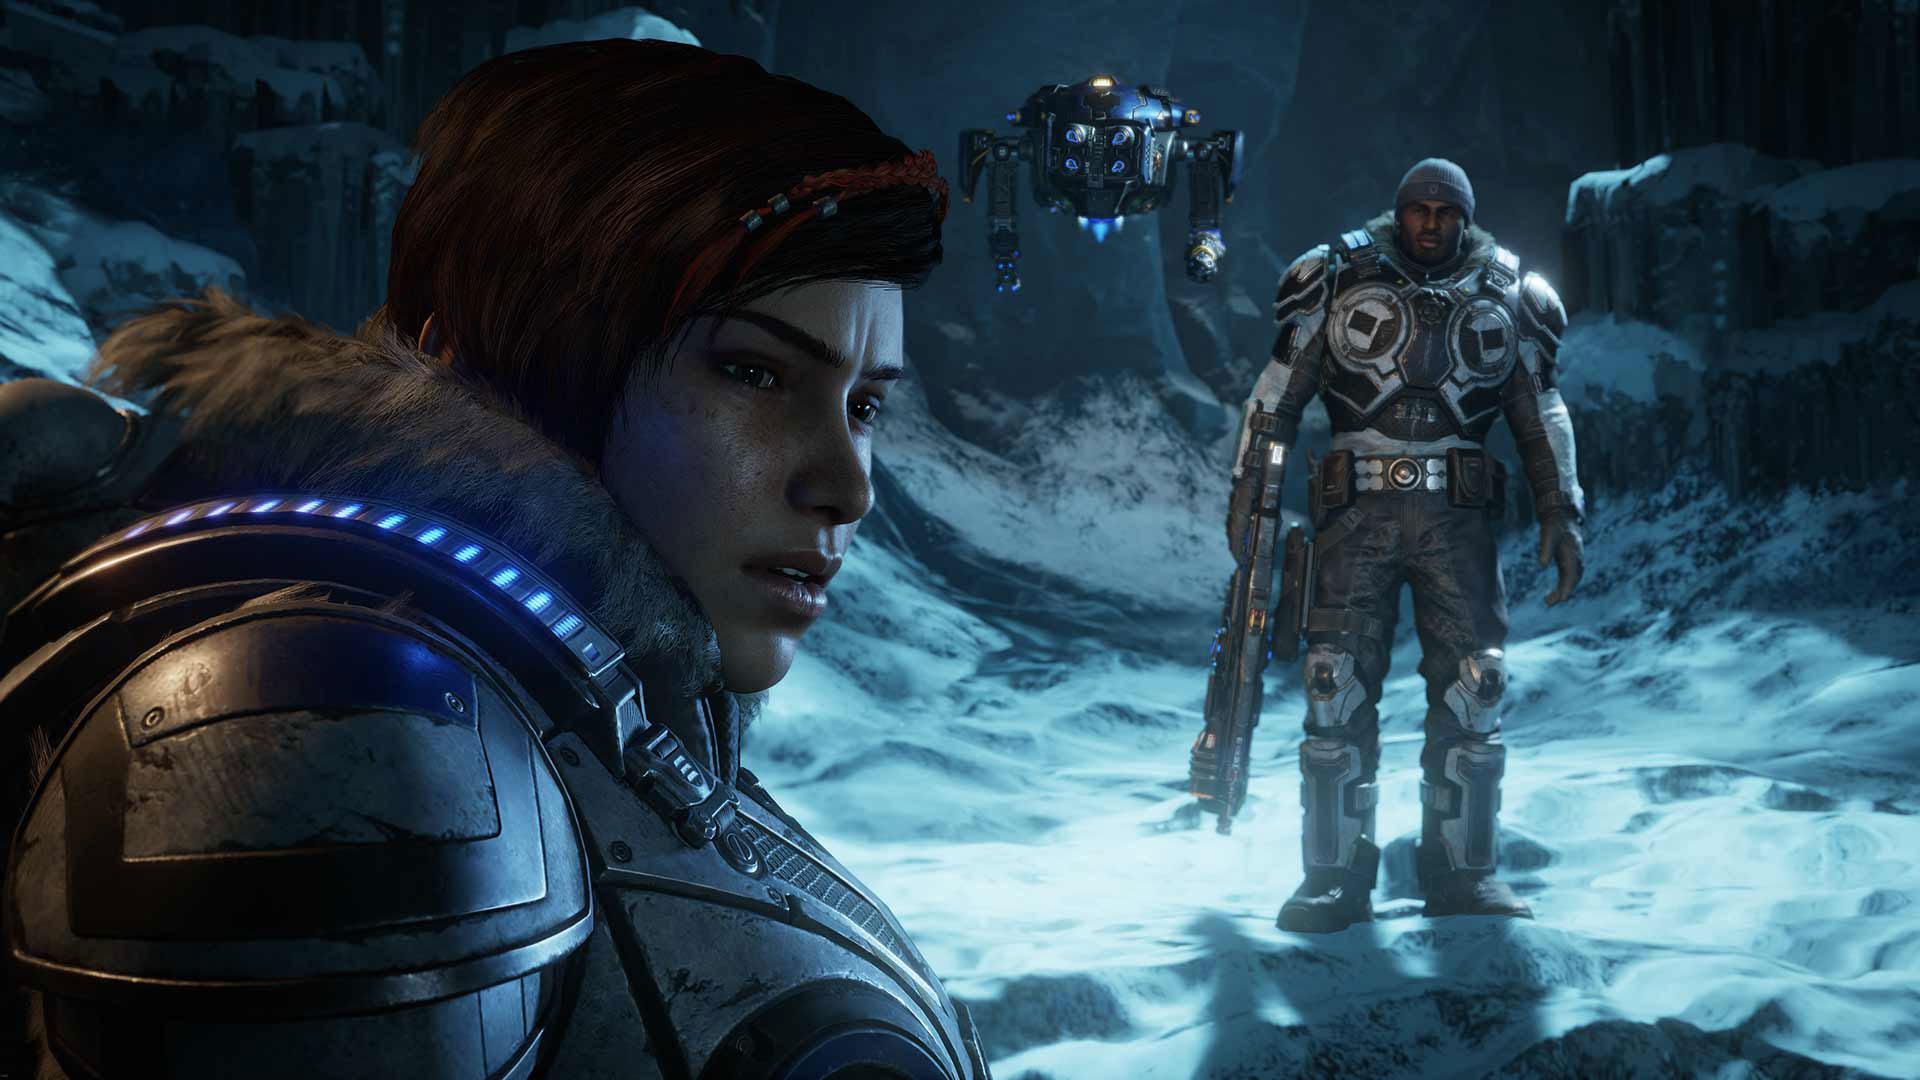 معرفی نقشه و شخصیت های جدید بخش چندنفره بازی Gears 5